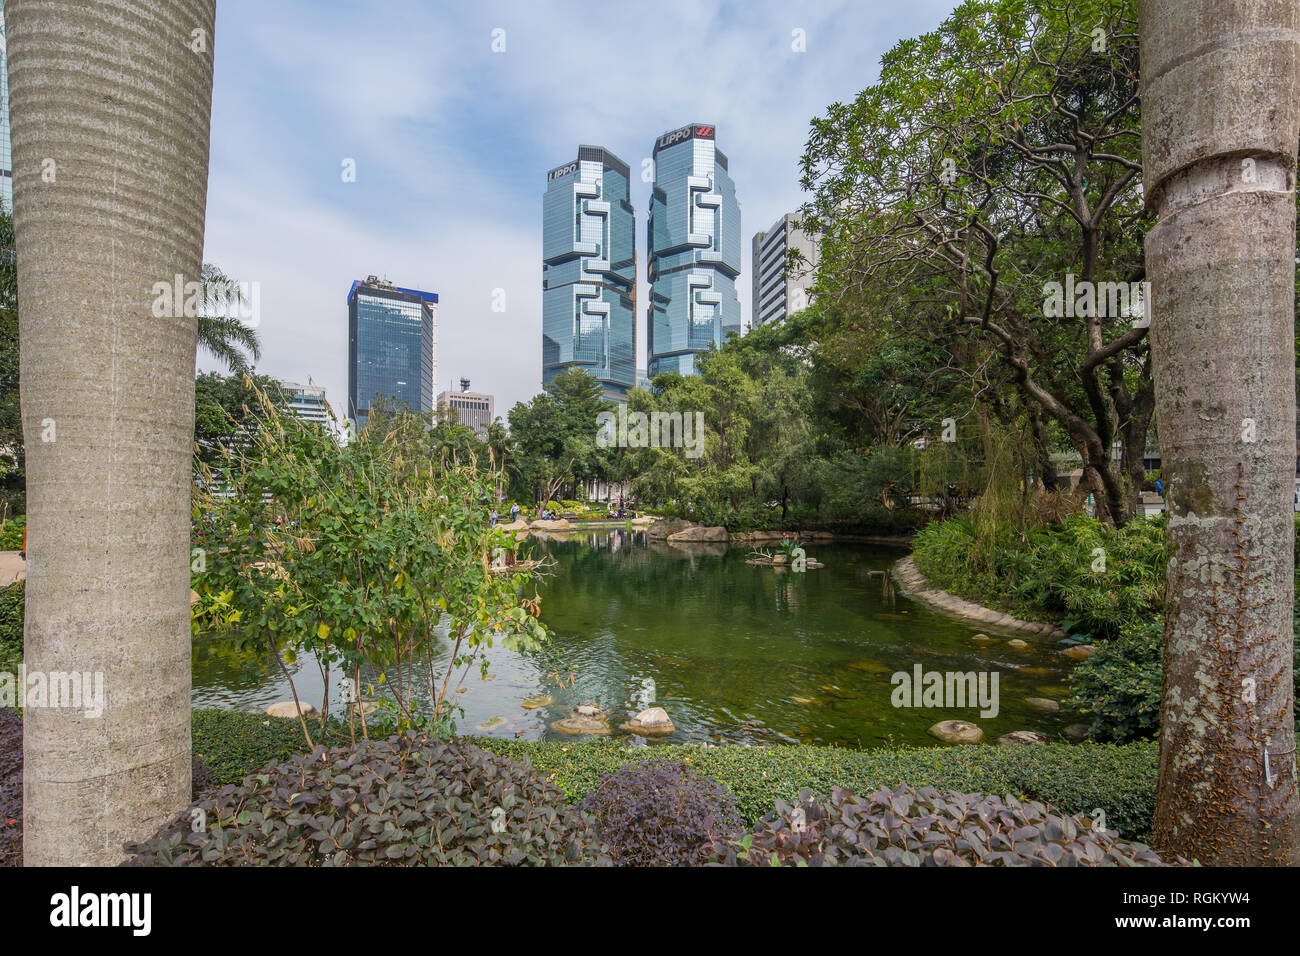 View of Lippo Centre and Hong Kong Park Lake from Hong Kong Park - Stock Image